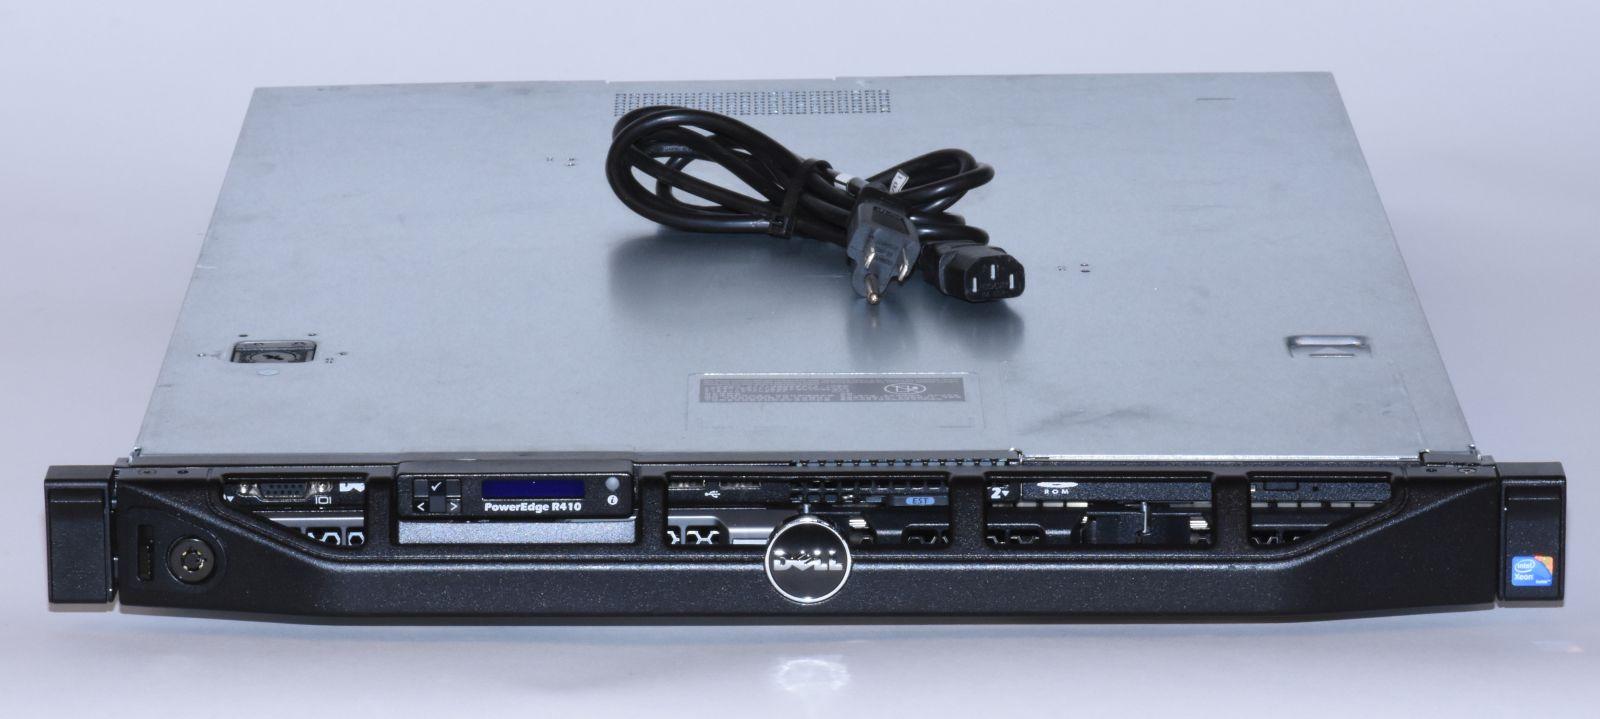 dell poweredge r410 1x intel xeon e5640 2 66ghz quad core